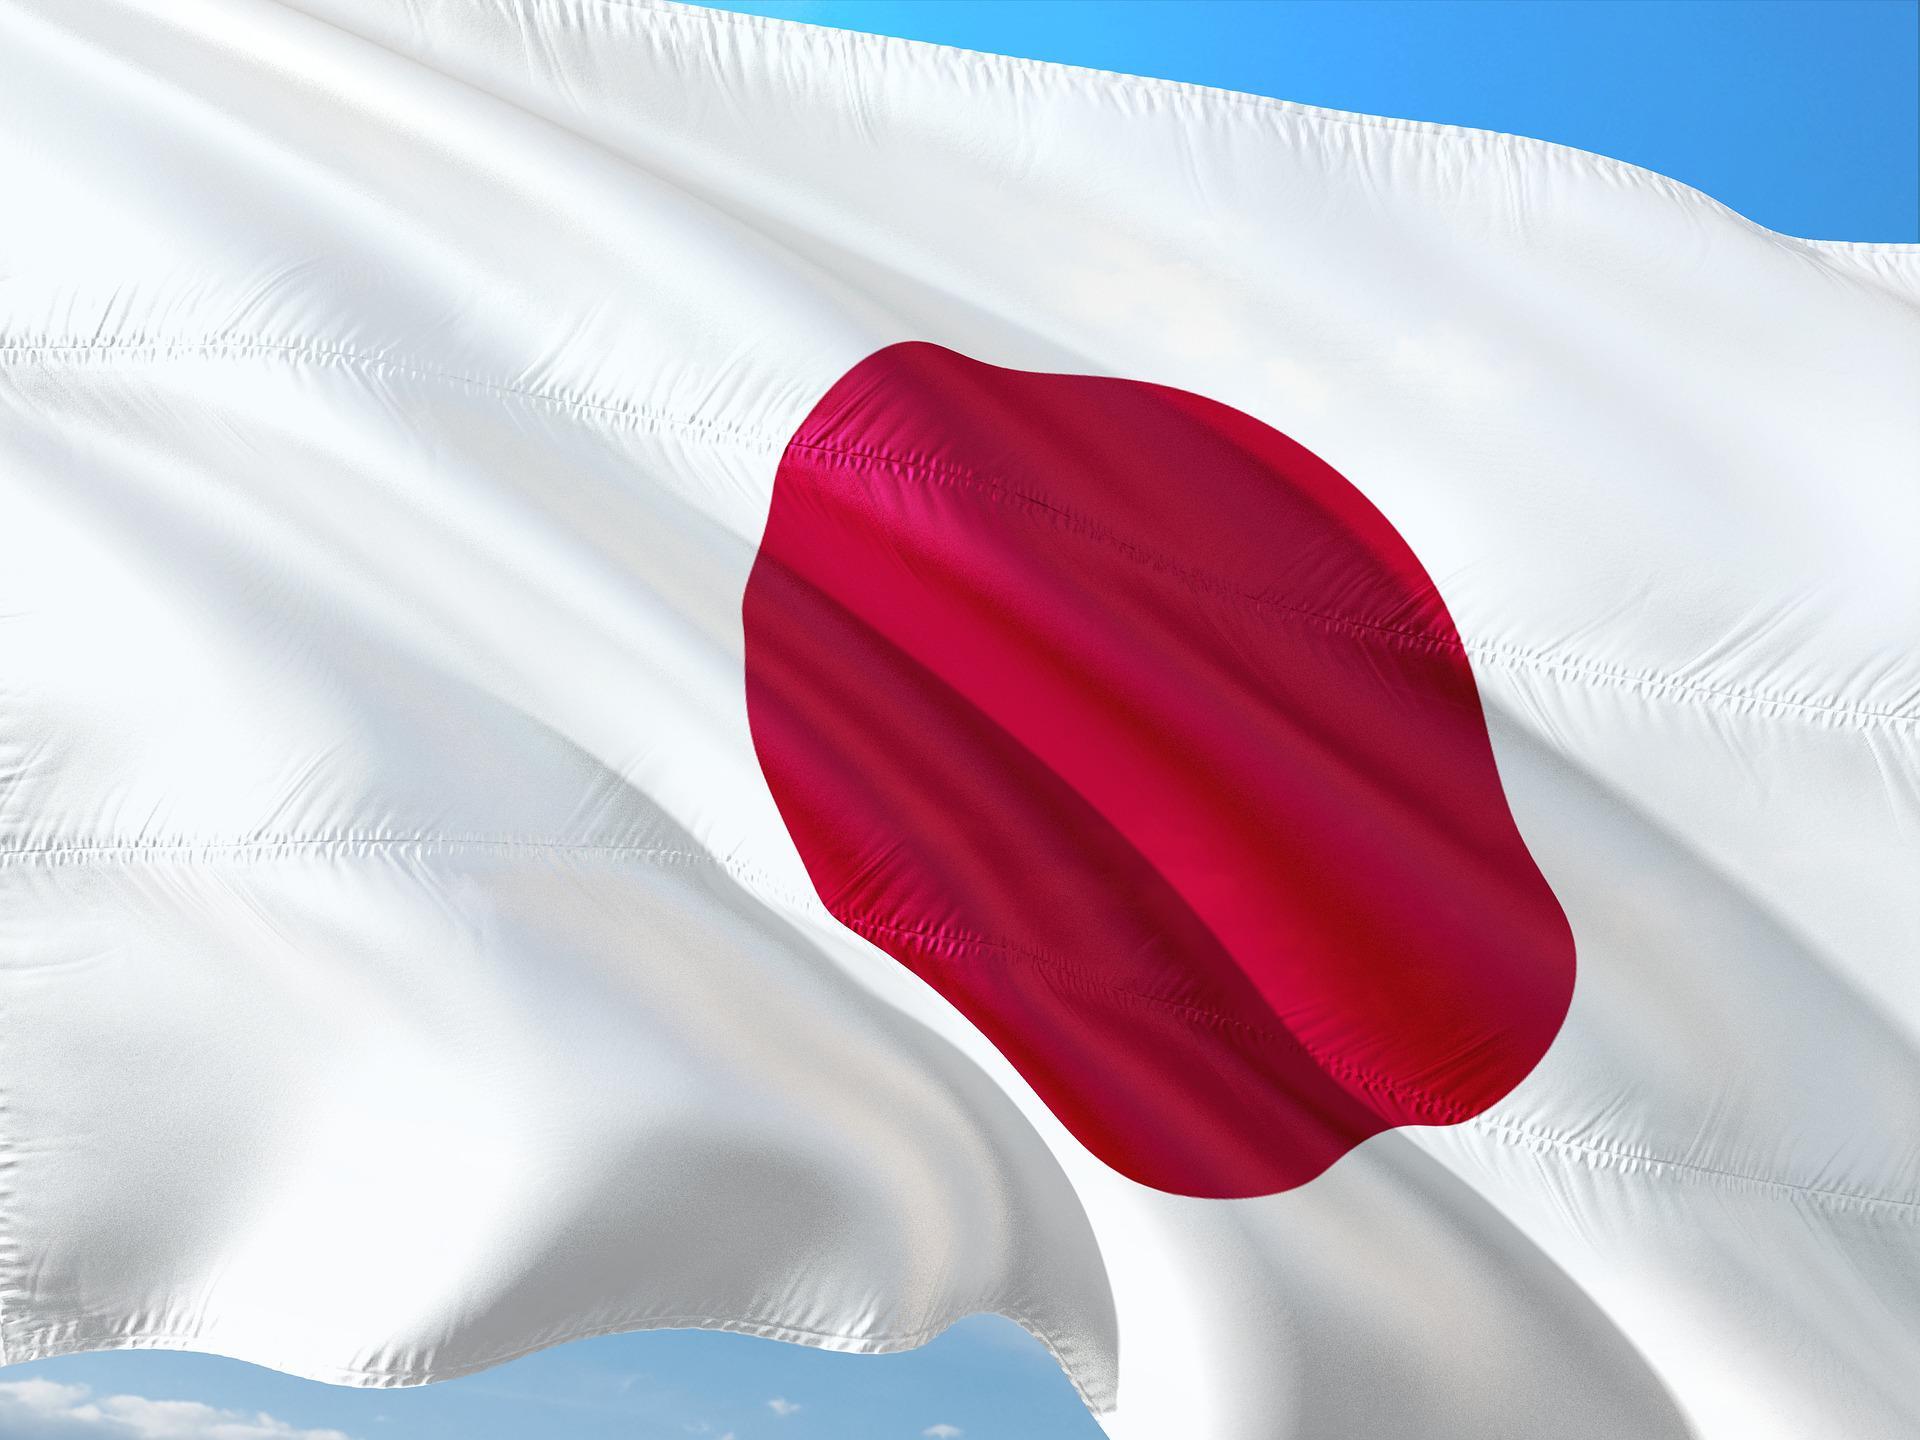 Россия подписала новое соглашение об избежании с Японией